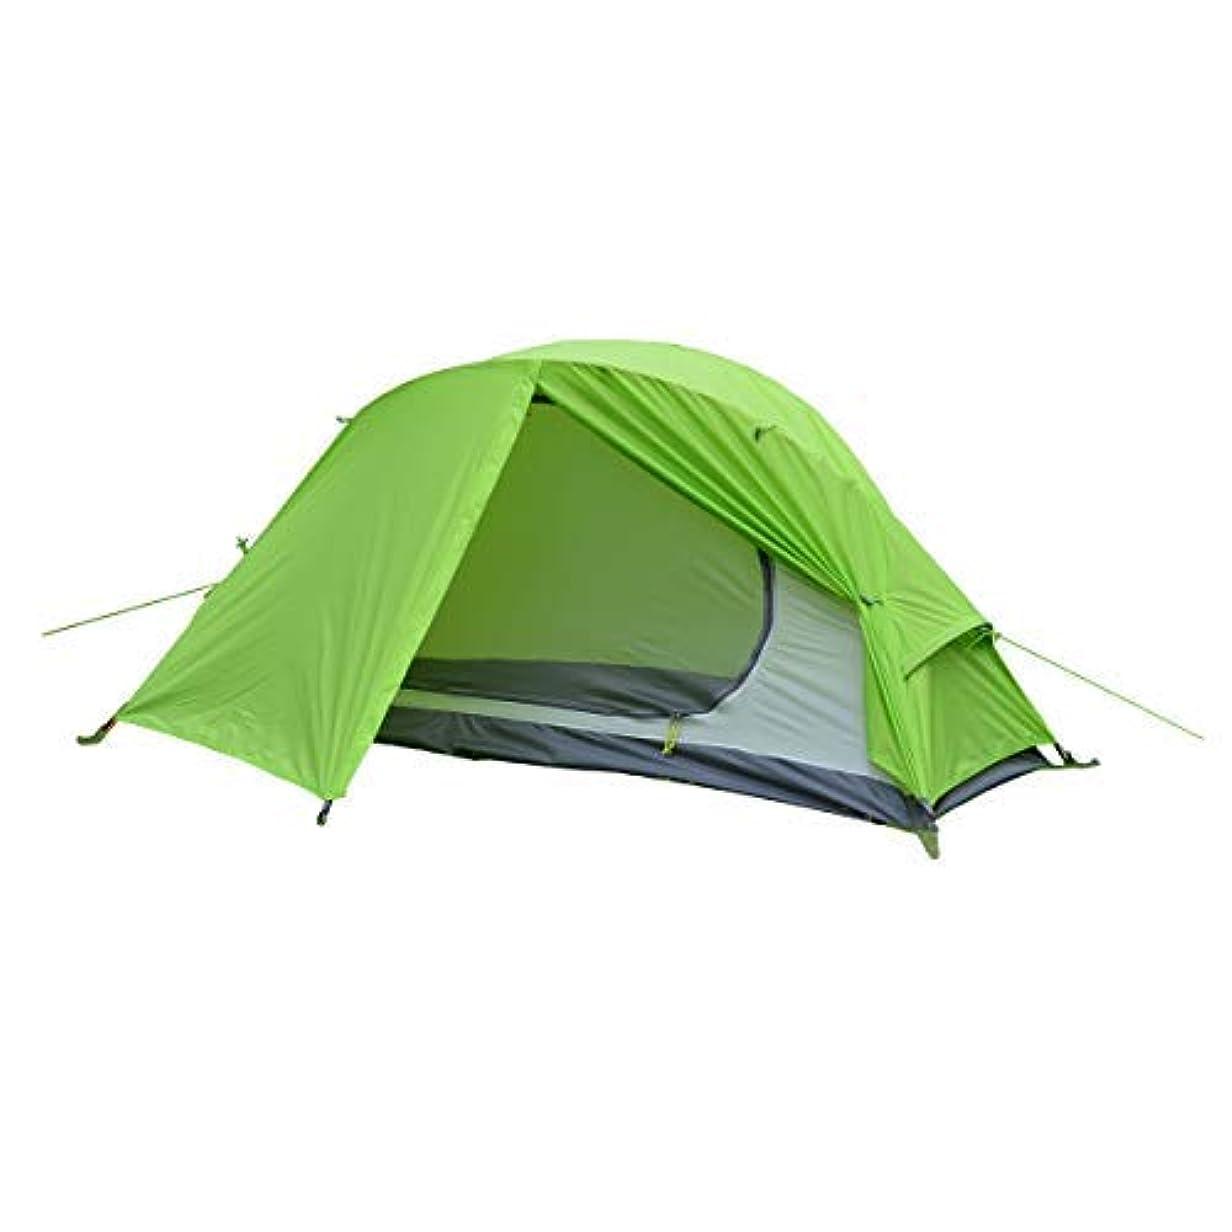 リズム電卓性格ALLBEYOND Ultralight 1-Person 3 Season Waterproof Backpacking Tent(テント) Camping Lightweight Tent(テント) for Family,Outdoor,Hiking and Mountaineering (Green, 1 Person) [並行輸入品]